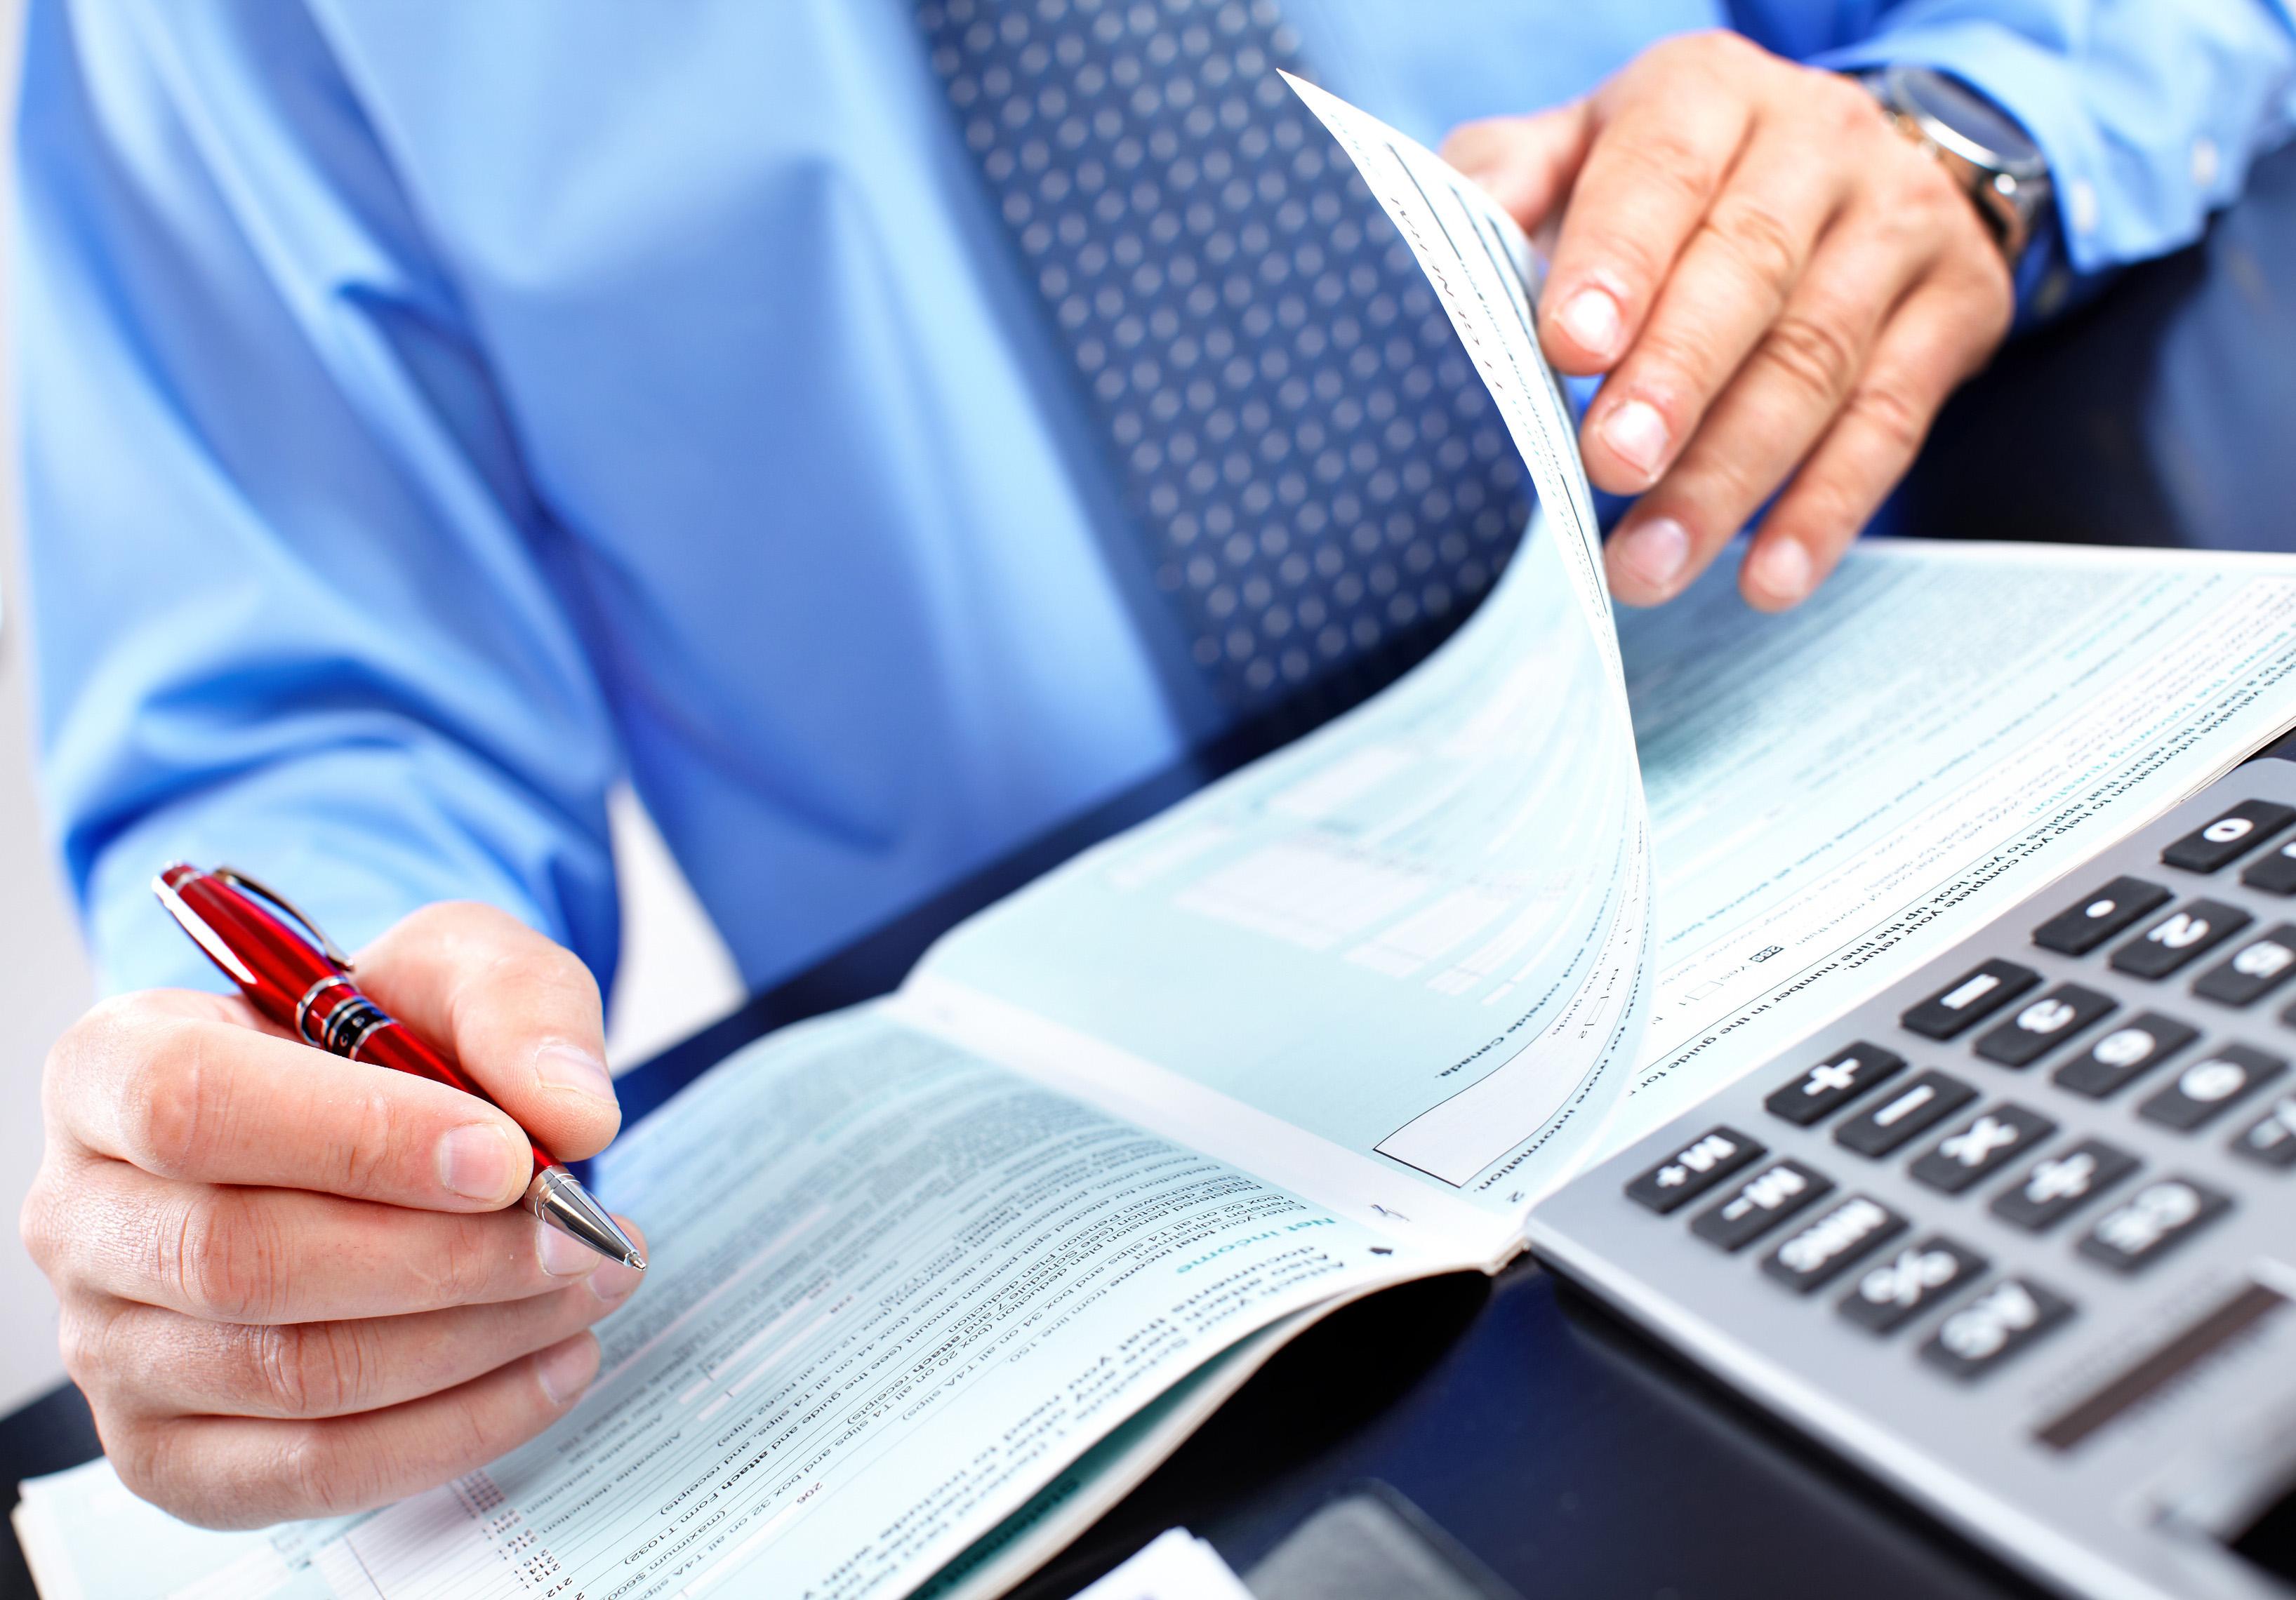 Kế toán tổng hợp là gì? Điều bạn cần biết